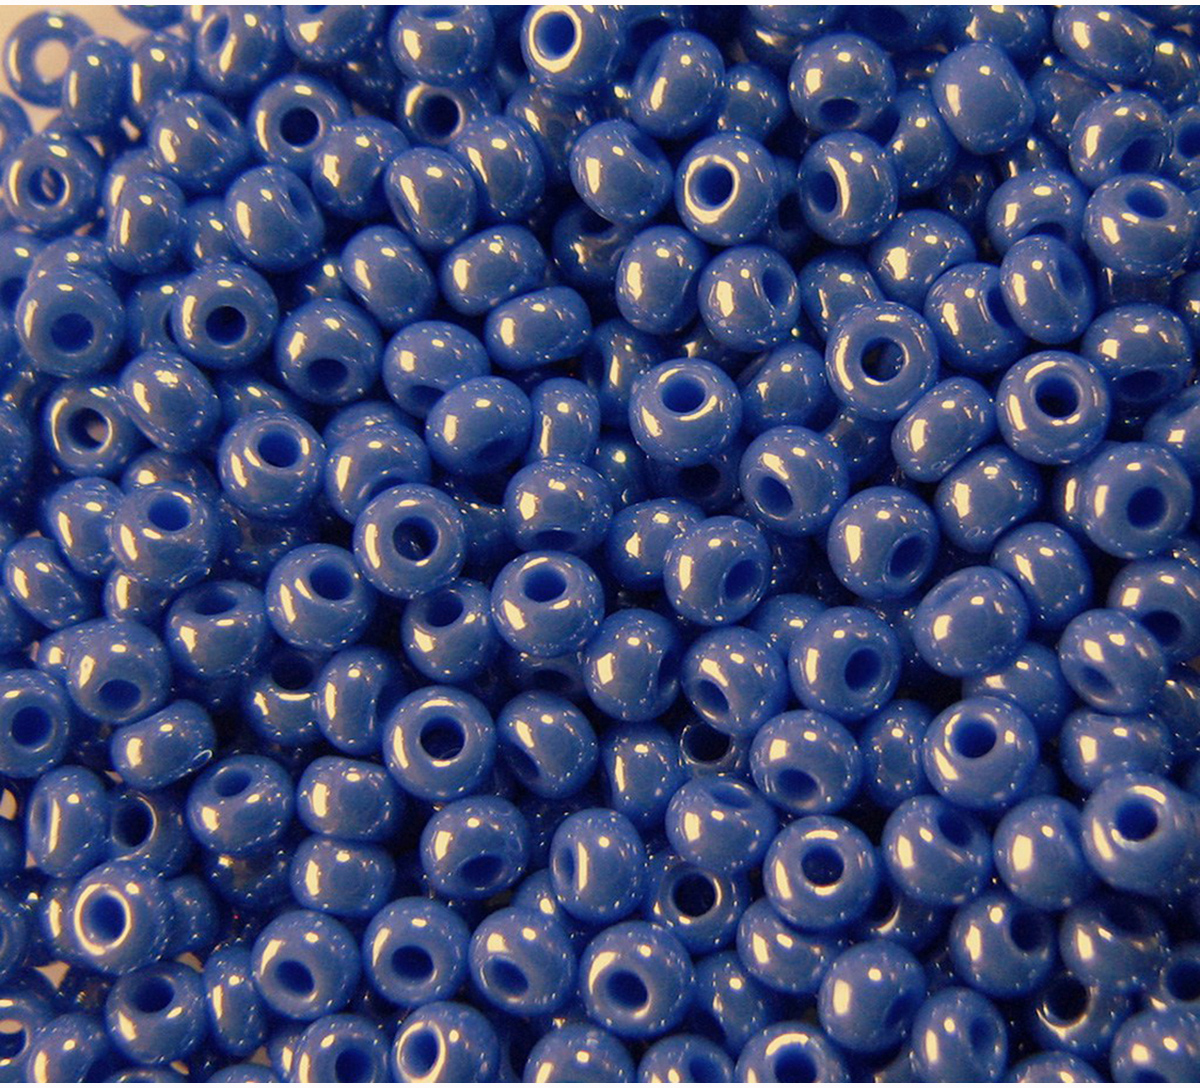 Бисер Preciosa непрозрачный с покрытием, 10/0, 20 г. 331-19001-10/0-38040 бисер preciosa ассорти непрозрачный глянцевый цвет светло лиловый 03195 10 0 20 г